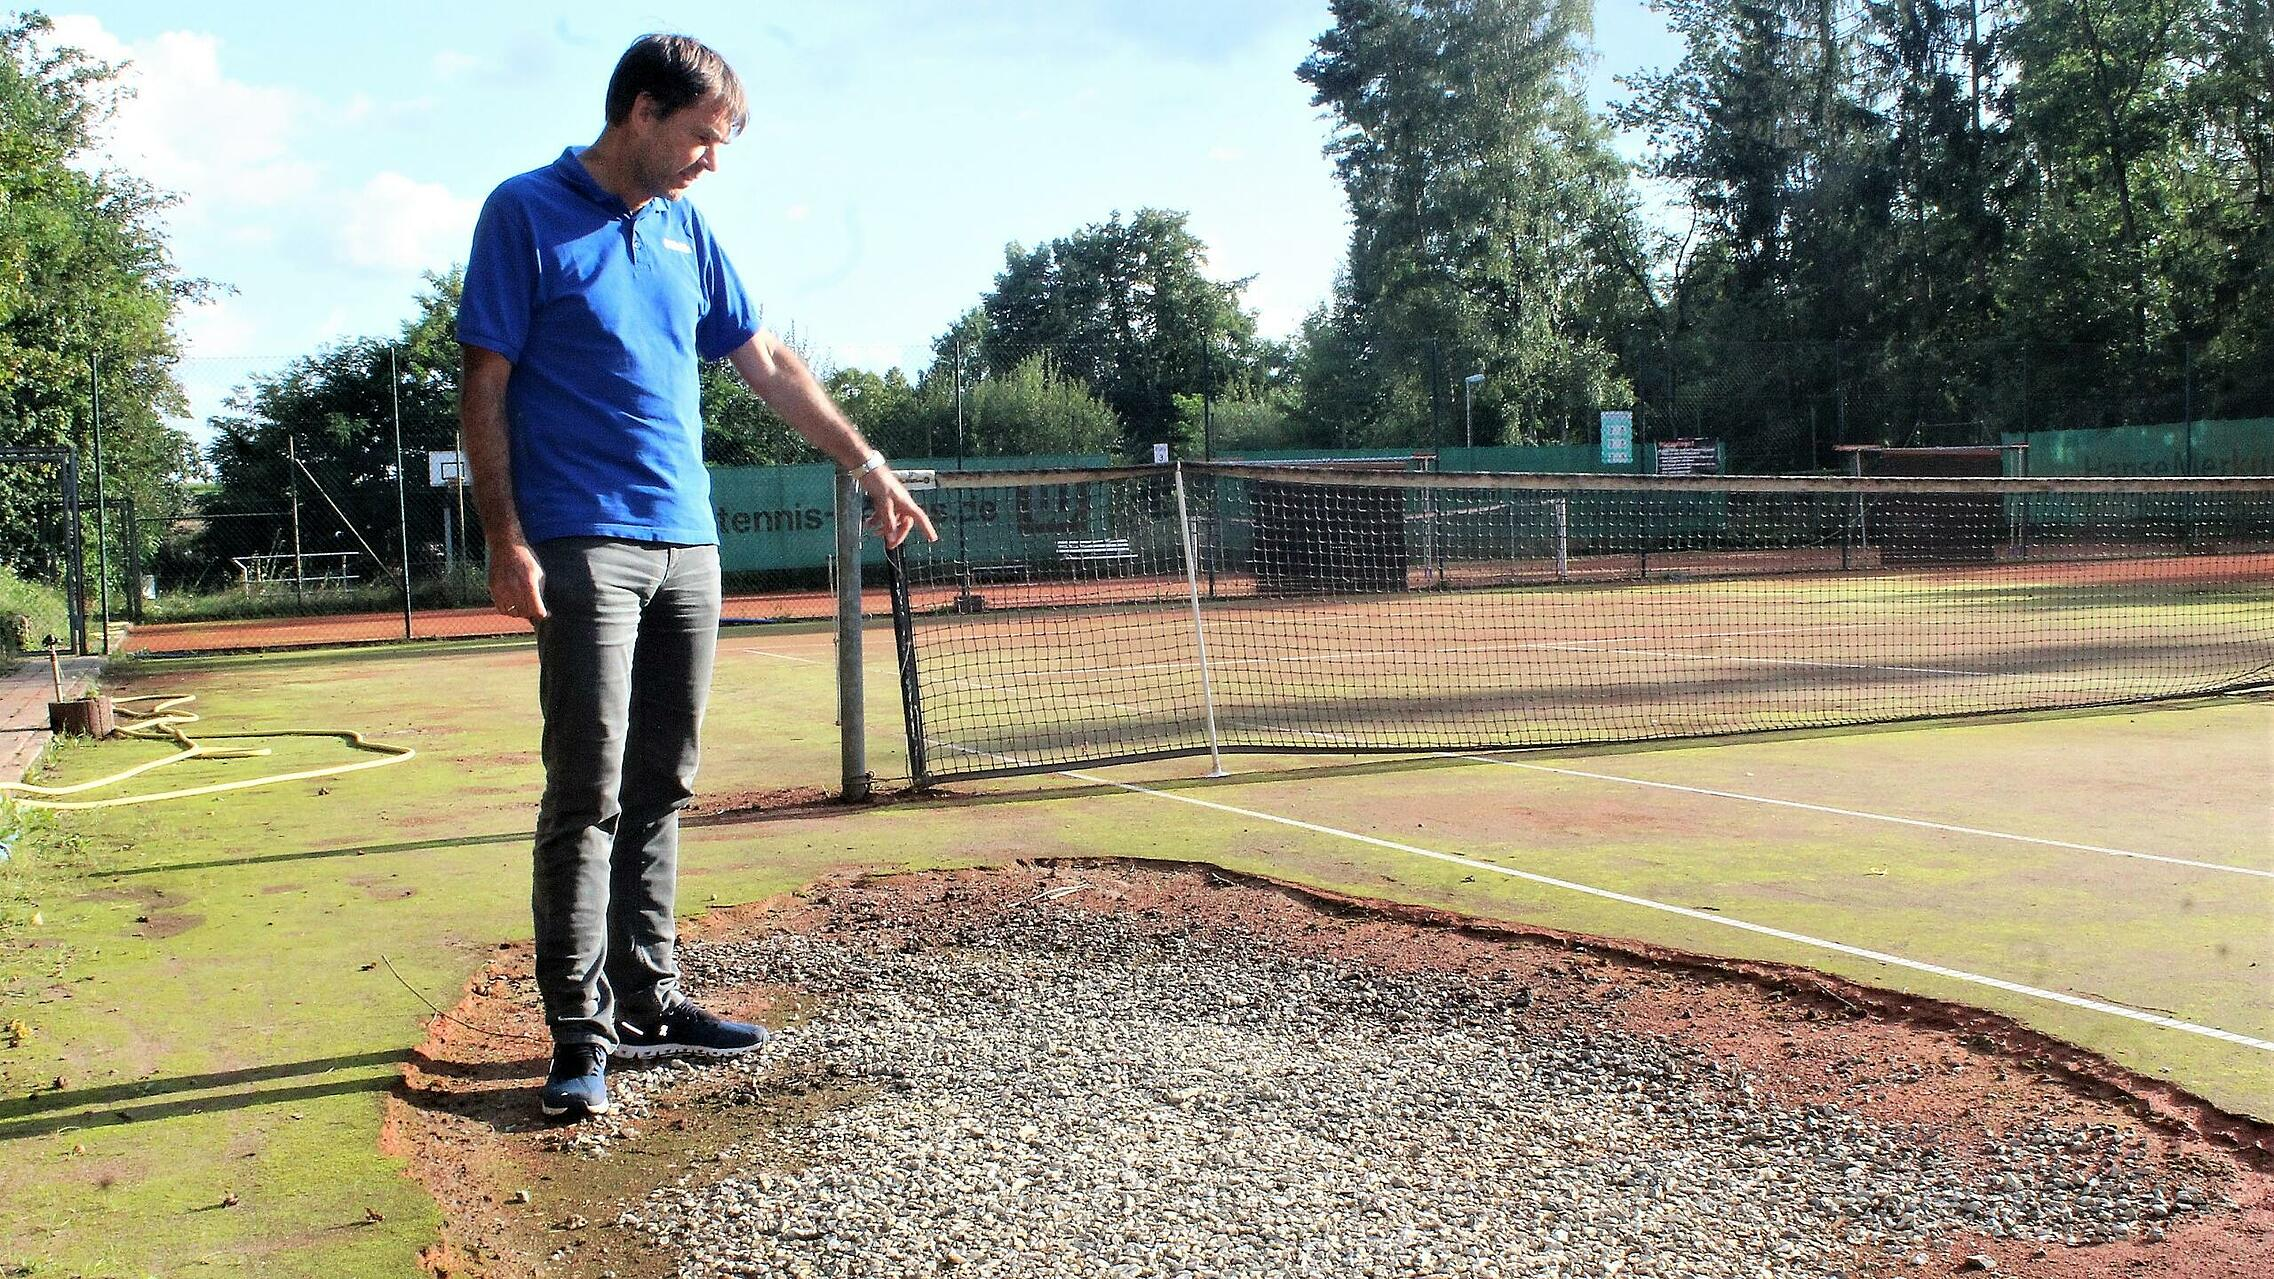 Tennisplatz unterspült Hochwasser 20210910